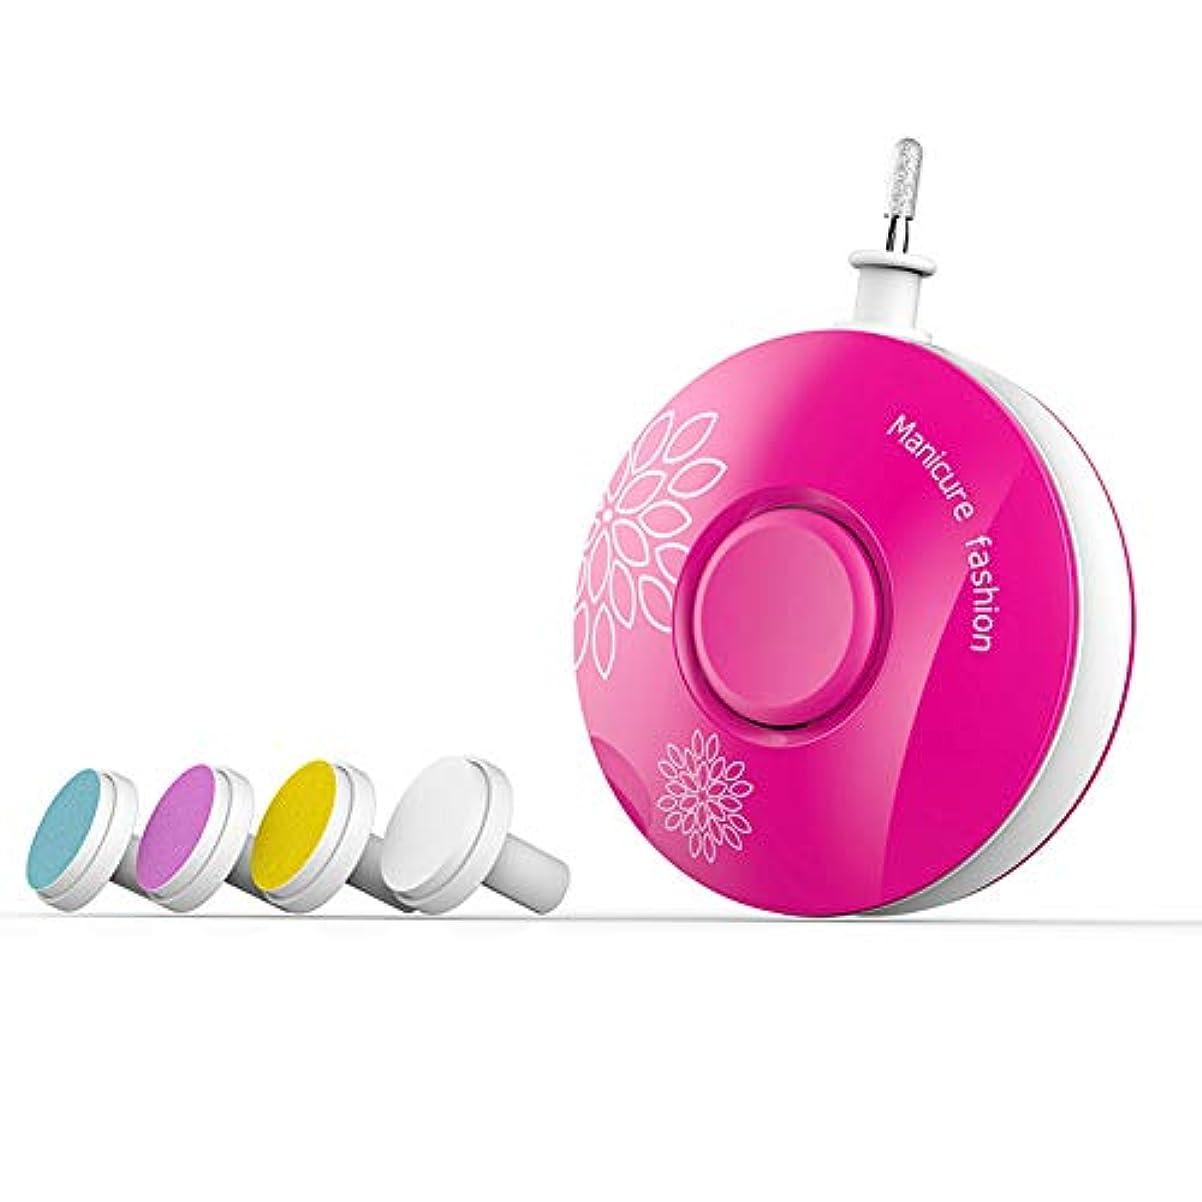 グレファイディンポリッシャーネイルマシンプロフェッショナル超静かな赤ちゃん電動マニキュアグラインダーマニキュアドリルツール - ローズレッド5pcs